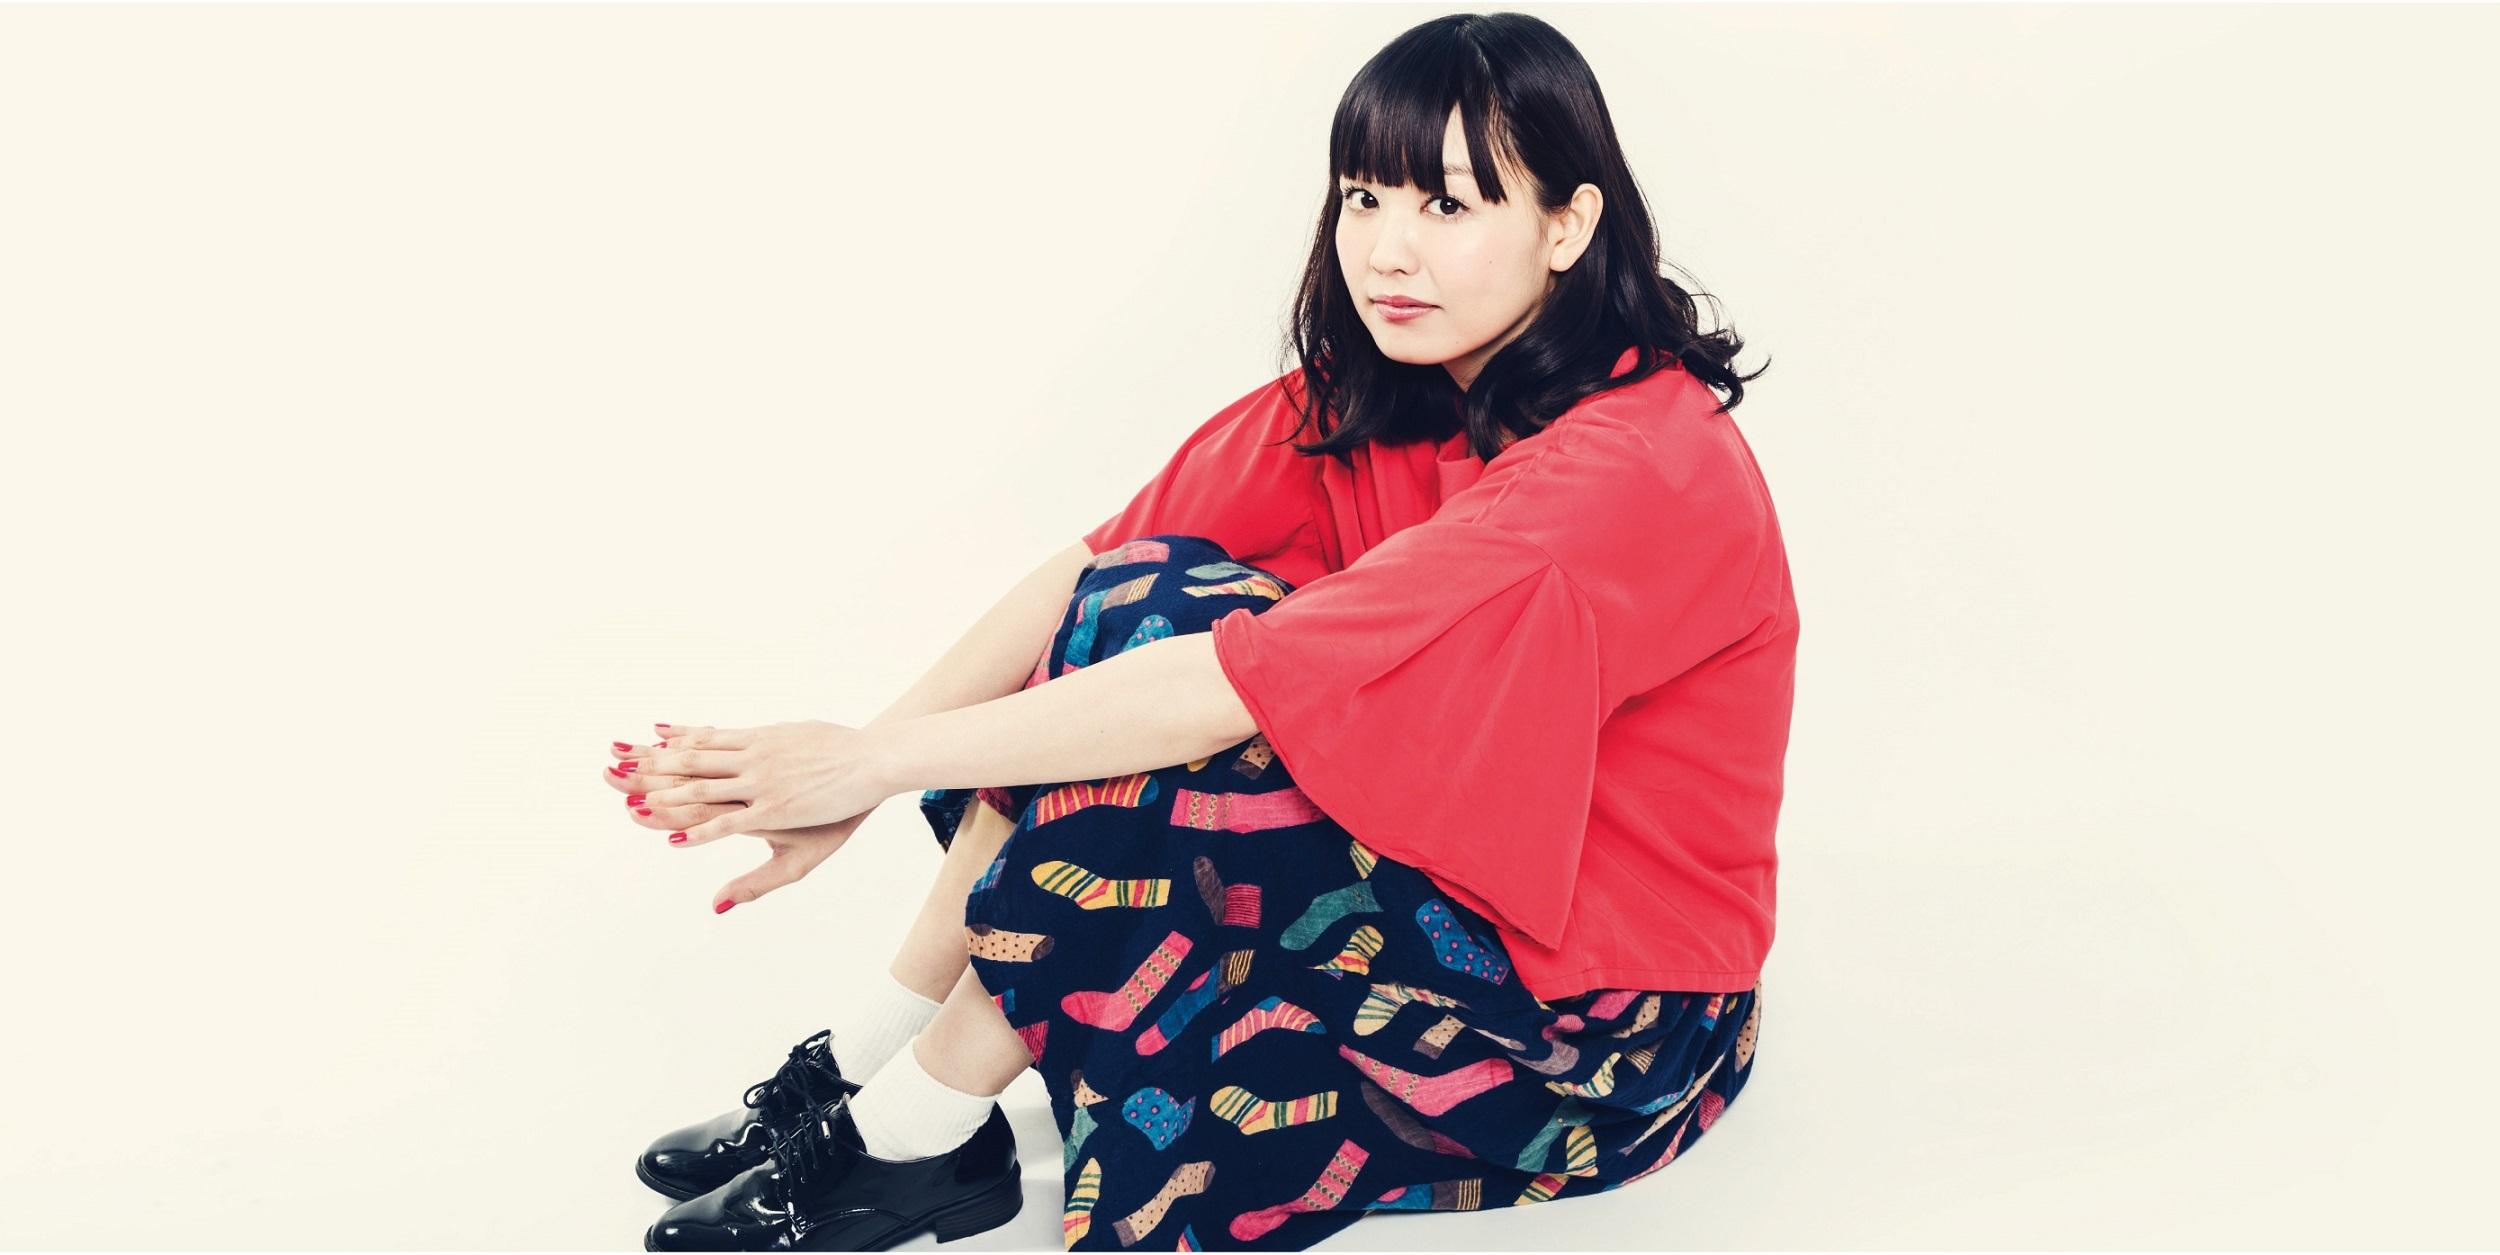 Chihiro_new_baner_03